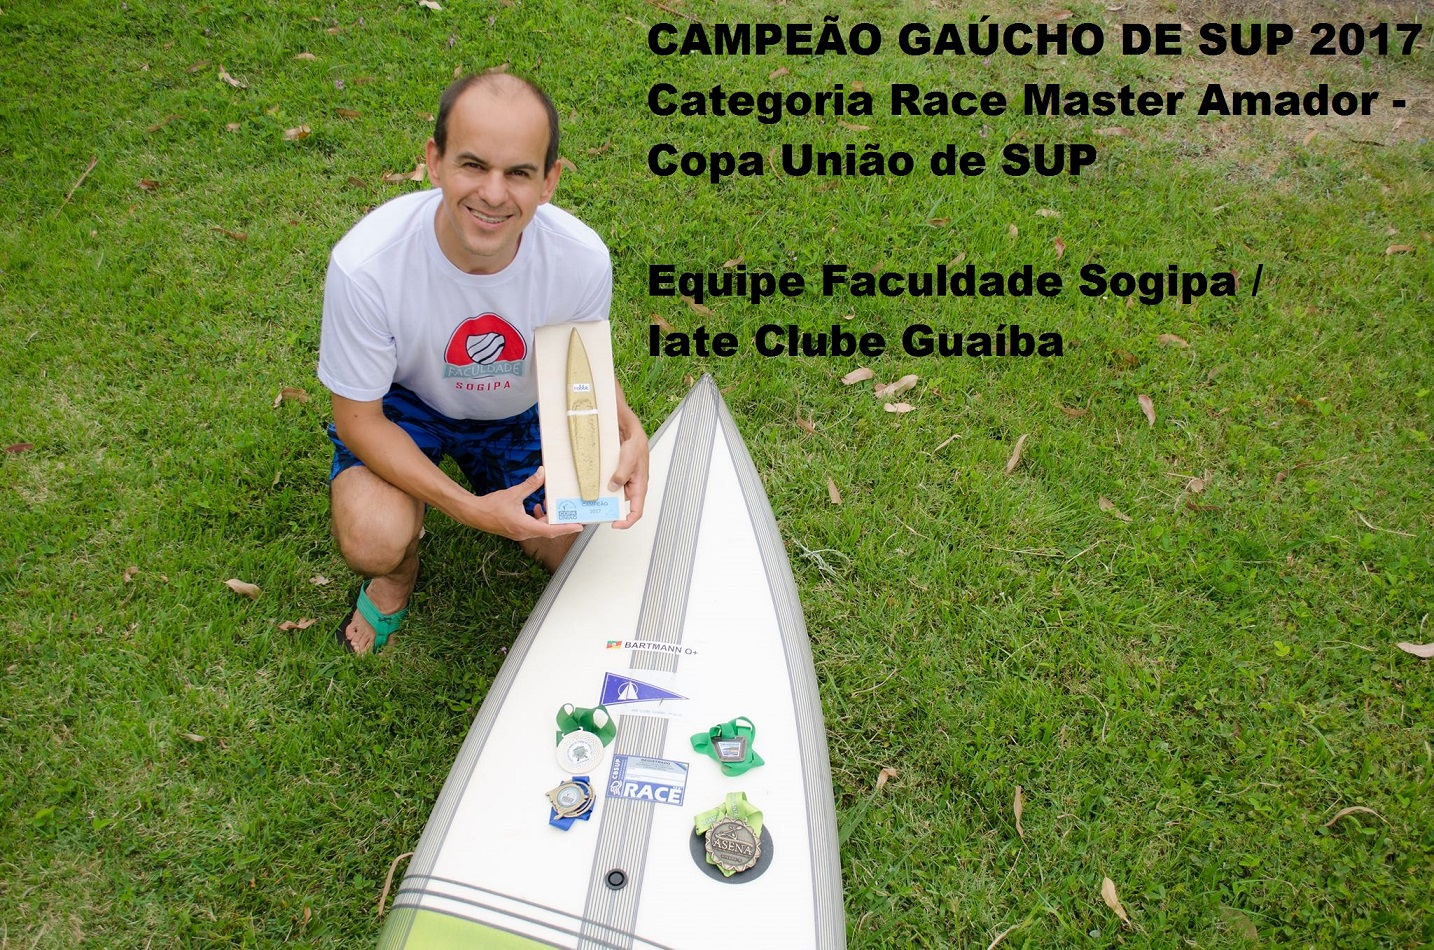 Campeão Gaúcho de SUP - Race Master 2017